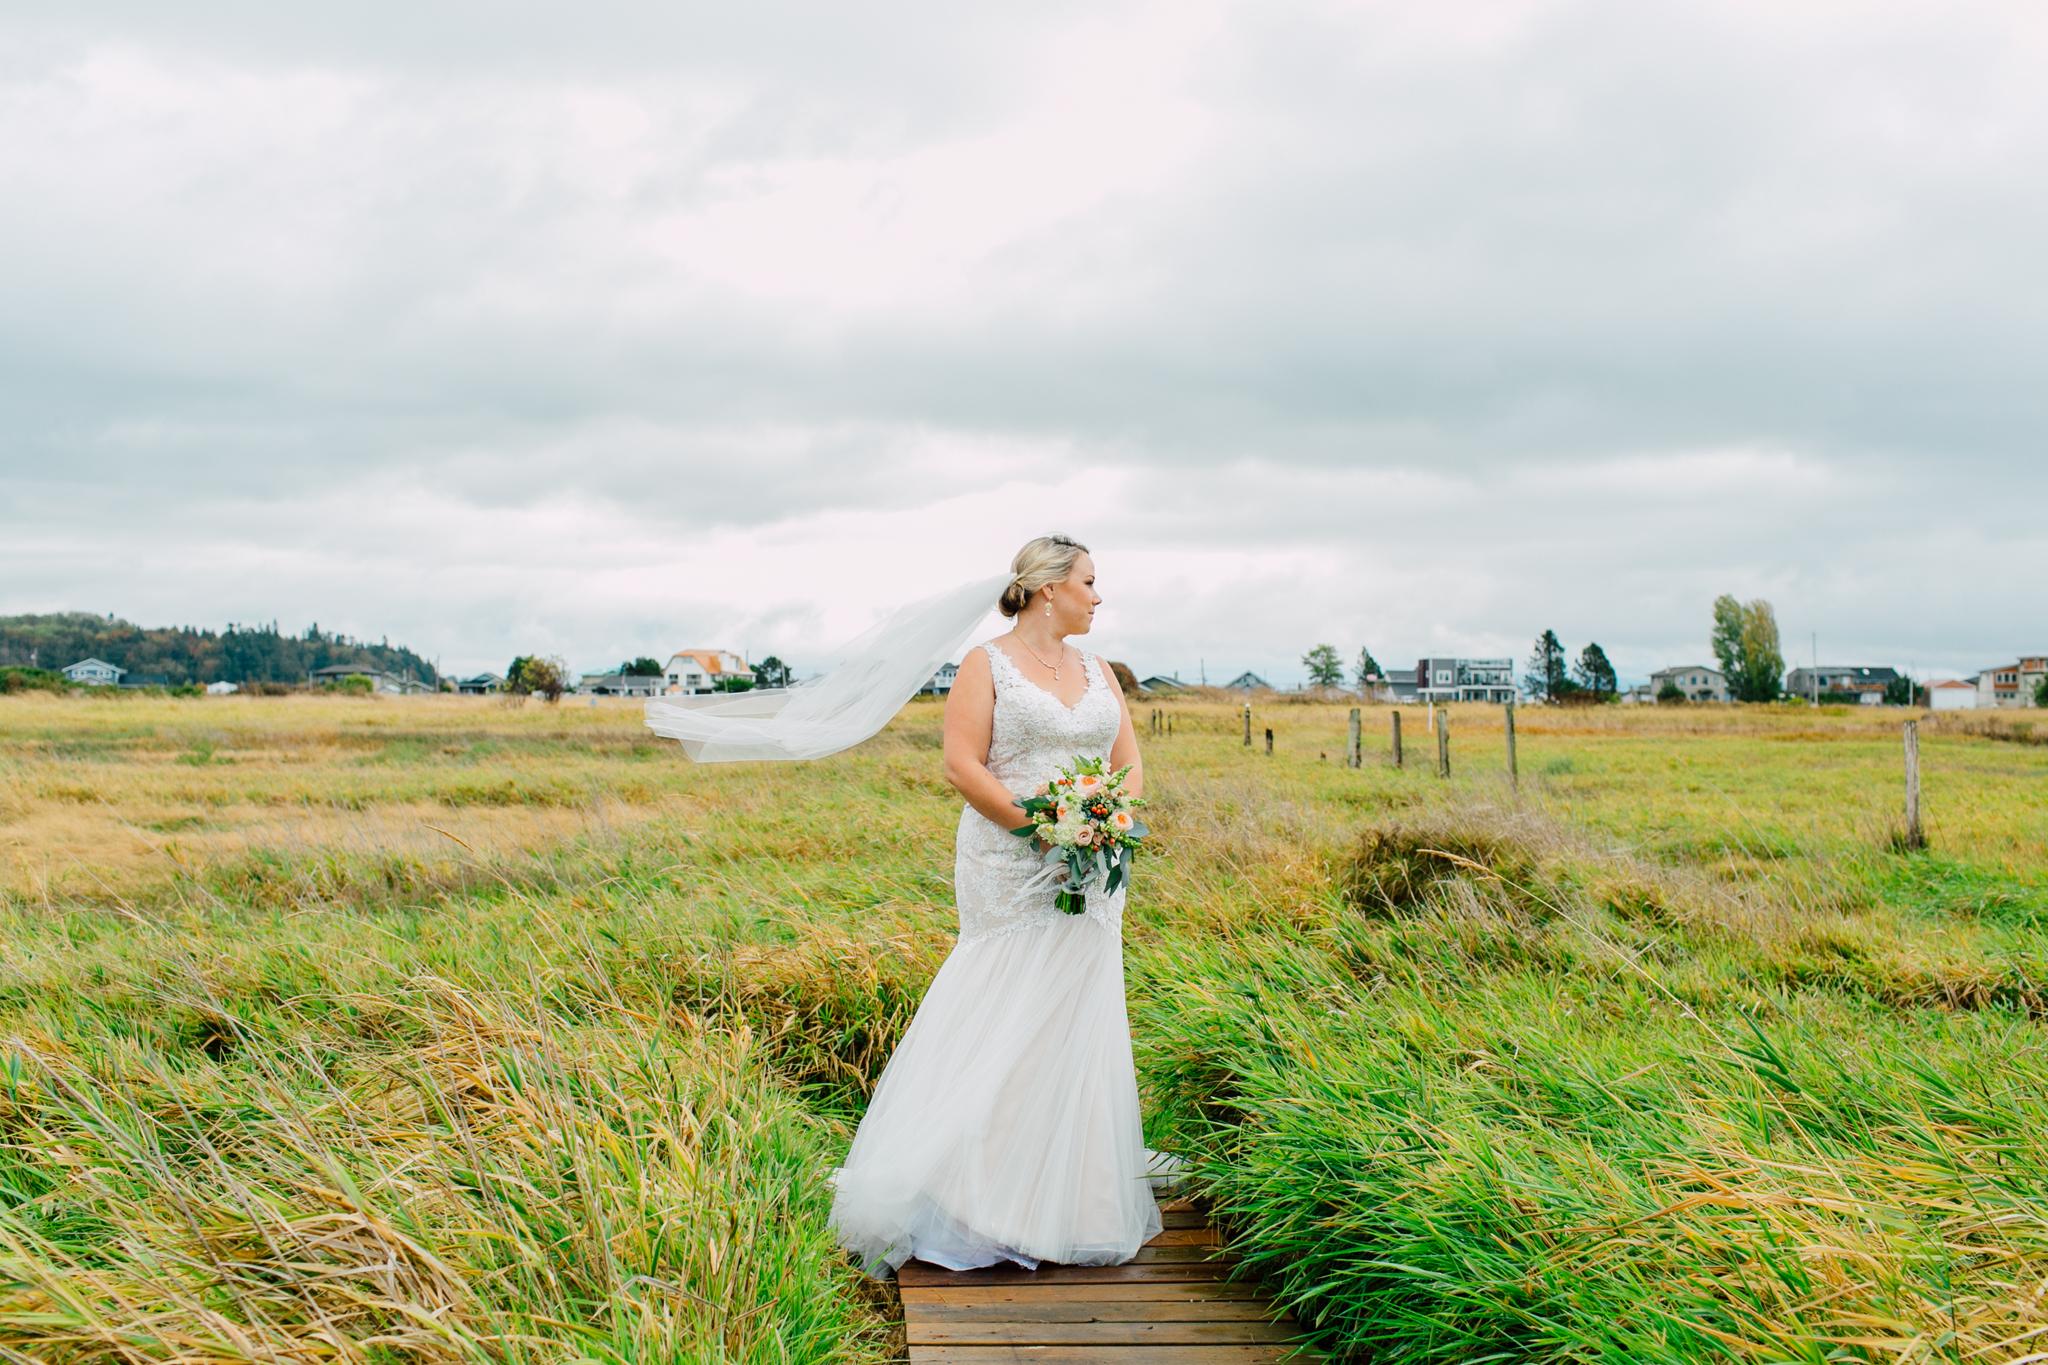 004-bellingham-wedding-photographer-beach-katheryn-moran-elisa-phillip.jpg